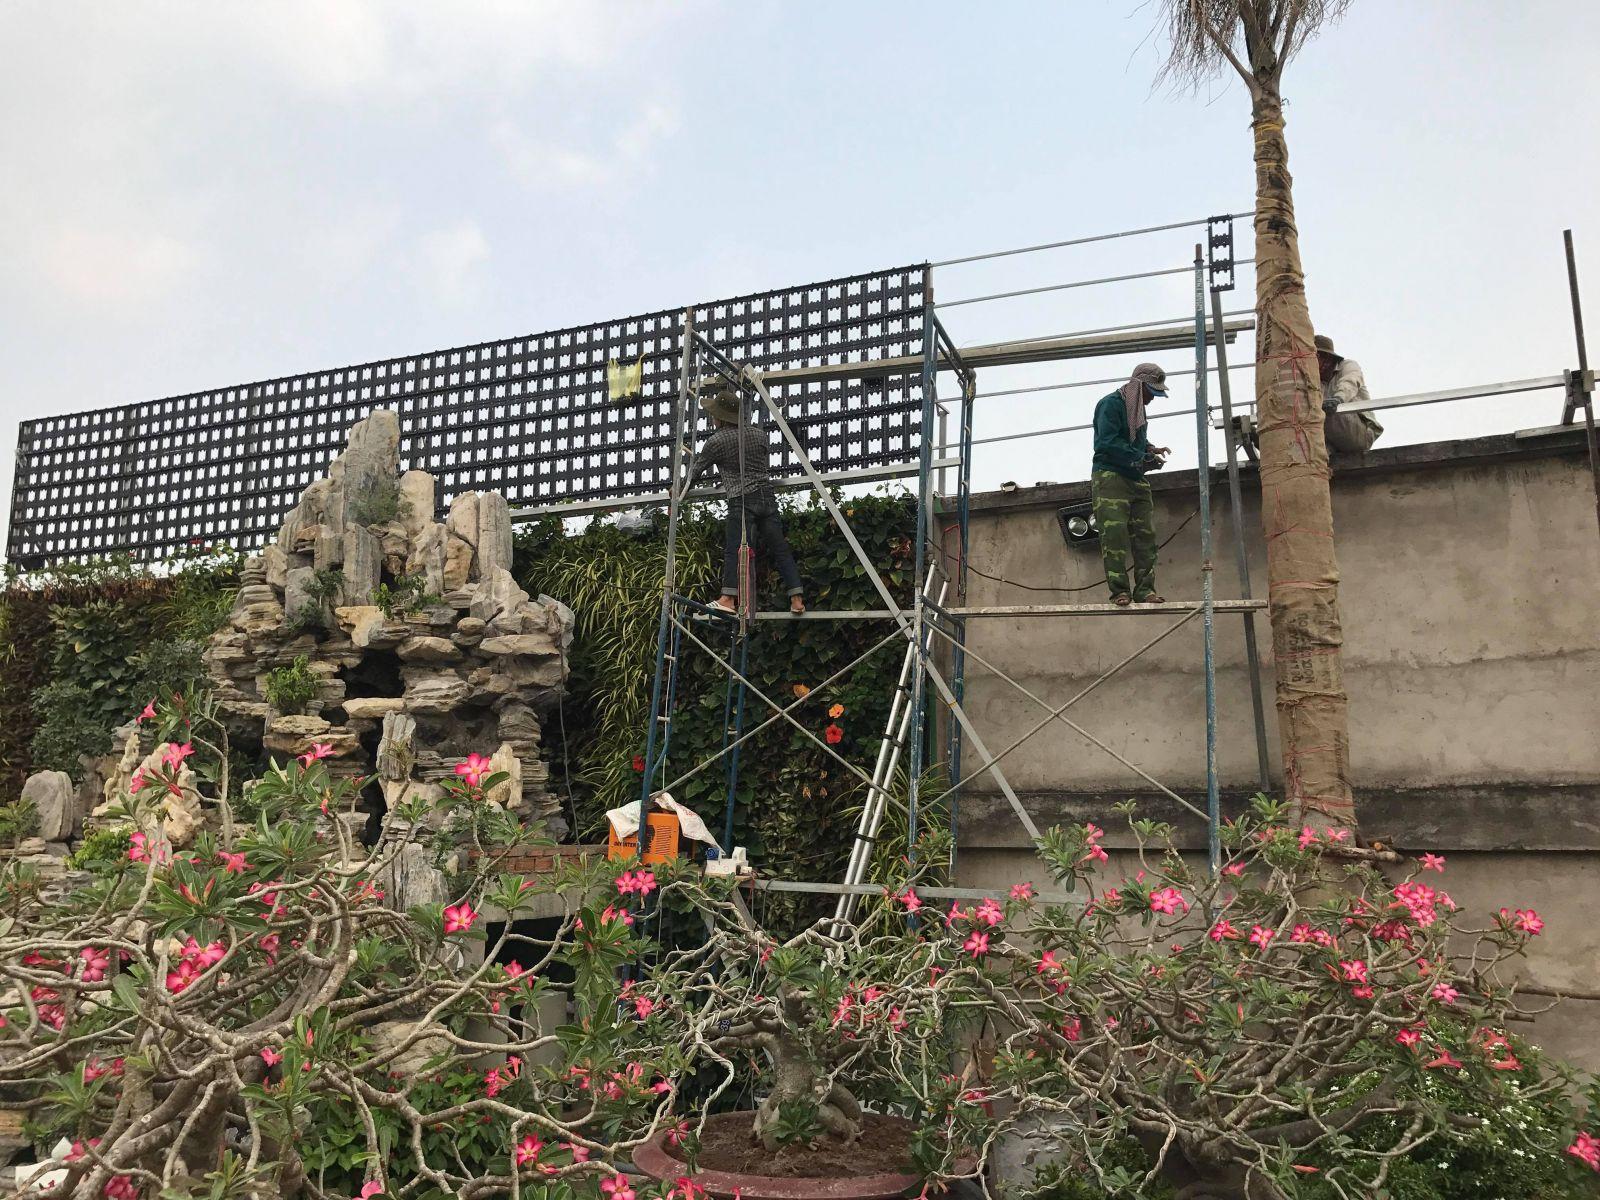 thiết kế modul vườn tường